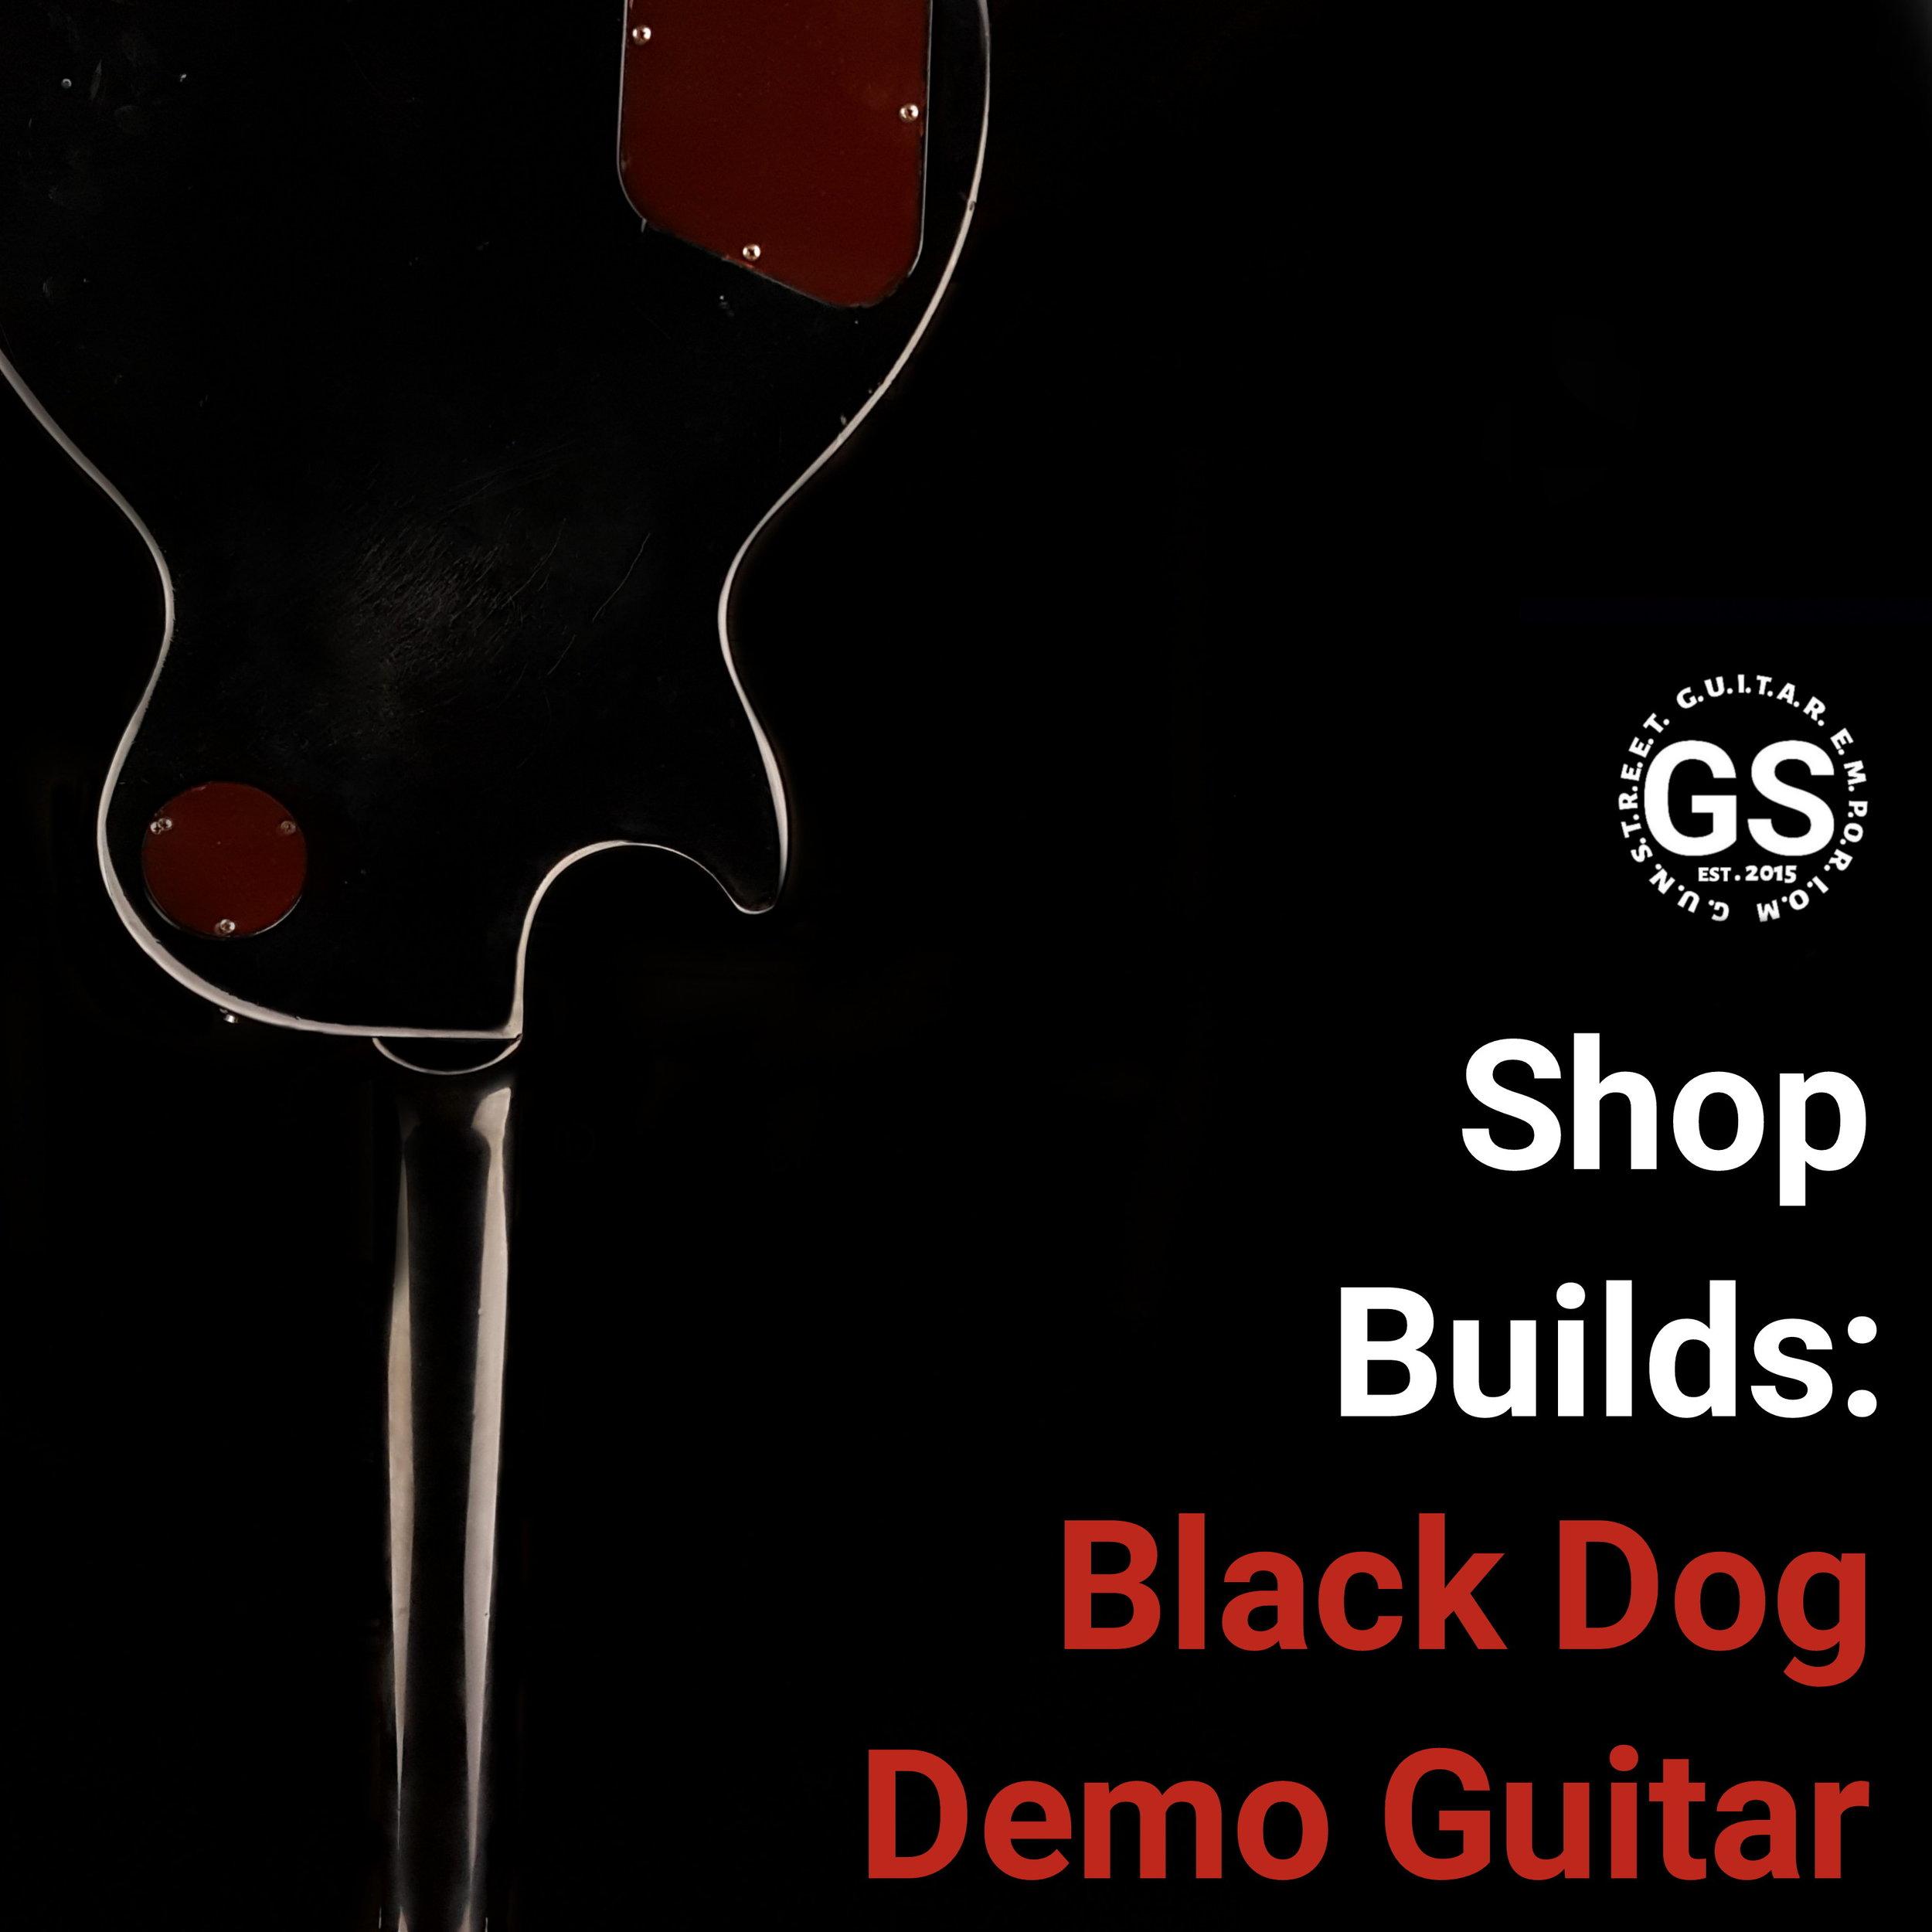 Blackdog advert.jpg